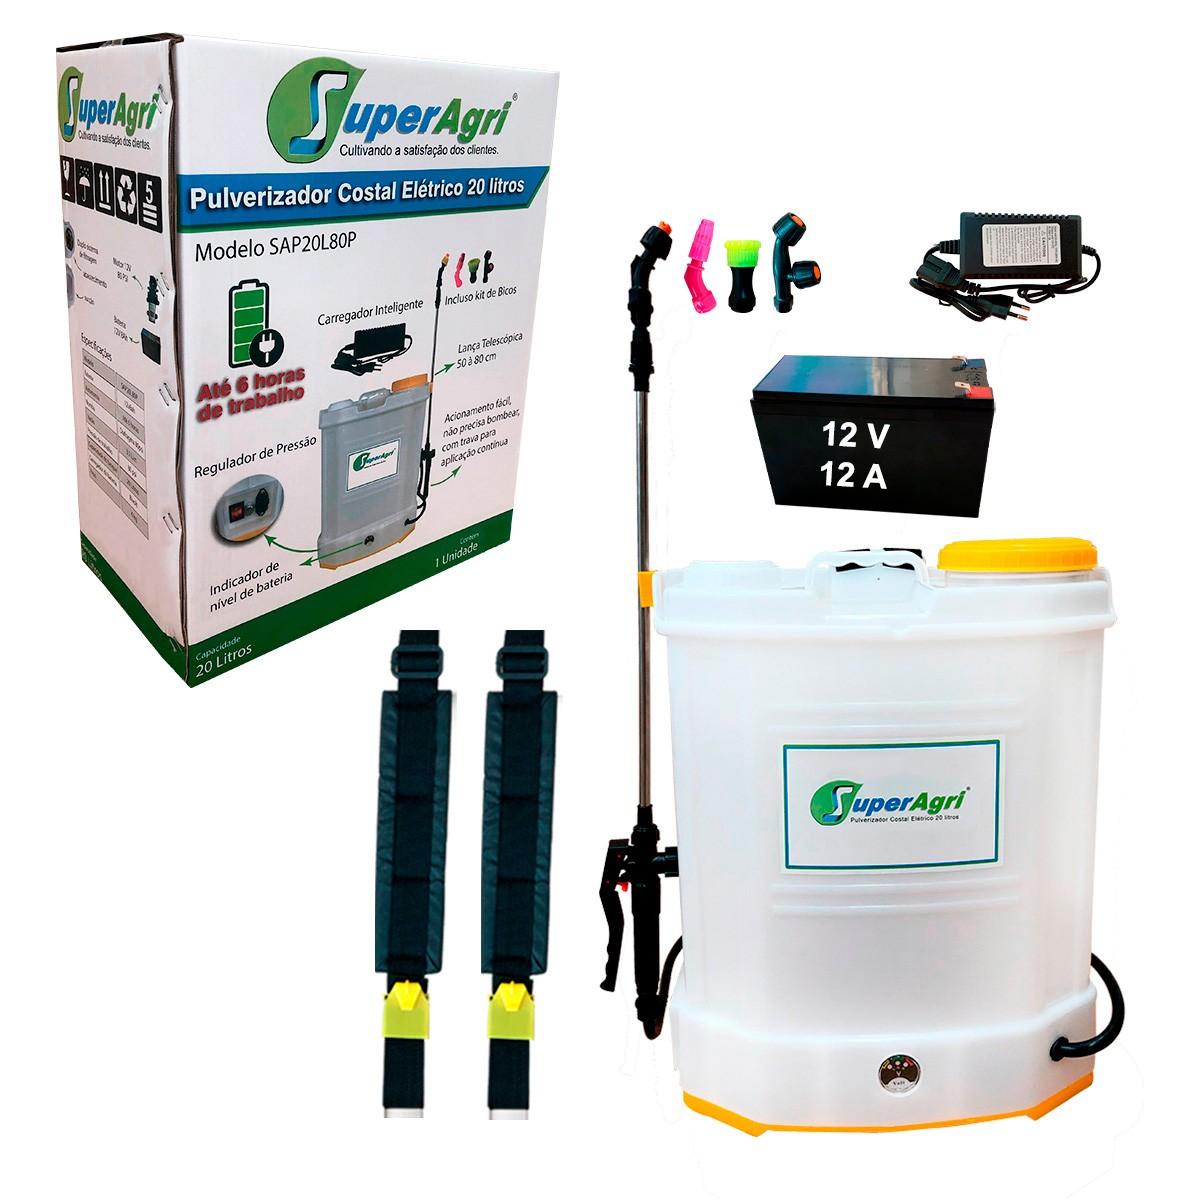 Pulverizador Costal Elétrico 20 Litros 100 PSI Bateria 12V 12Ah